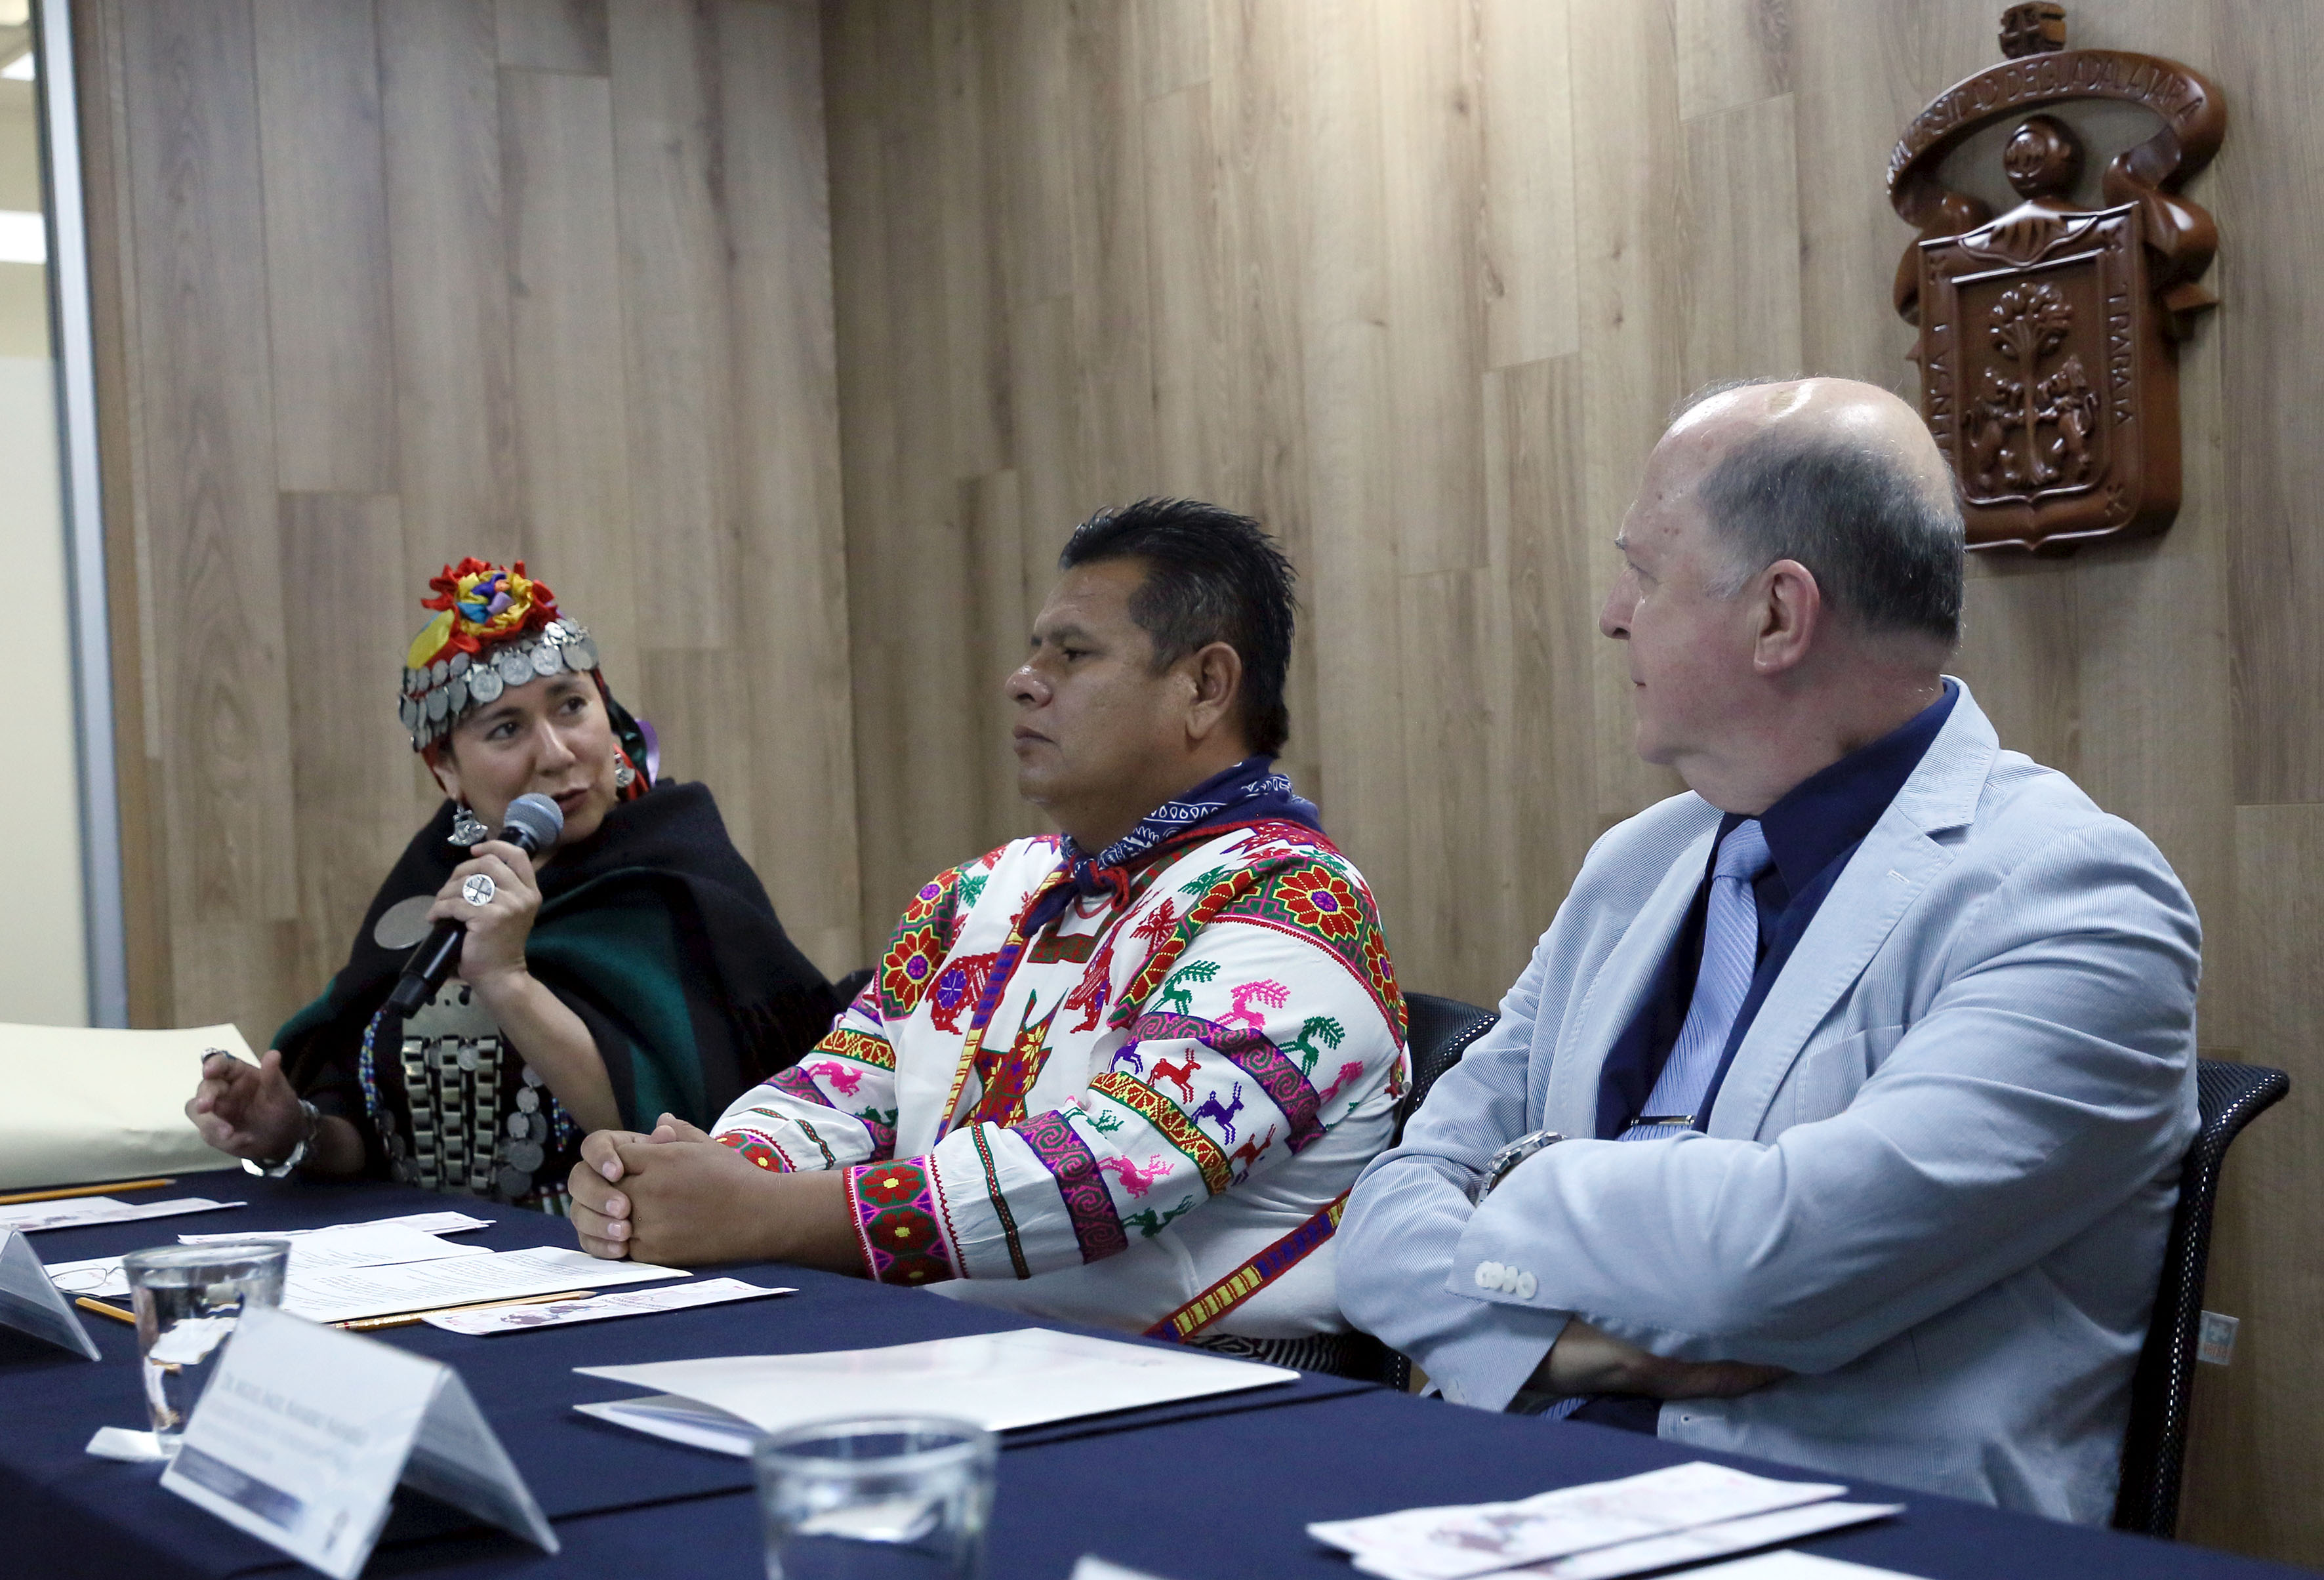 Maestra Libertad Manque, Poetisa chilena de origen mapuche, participando en conferencia de prensa